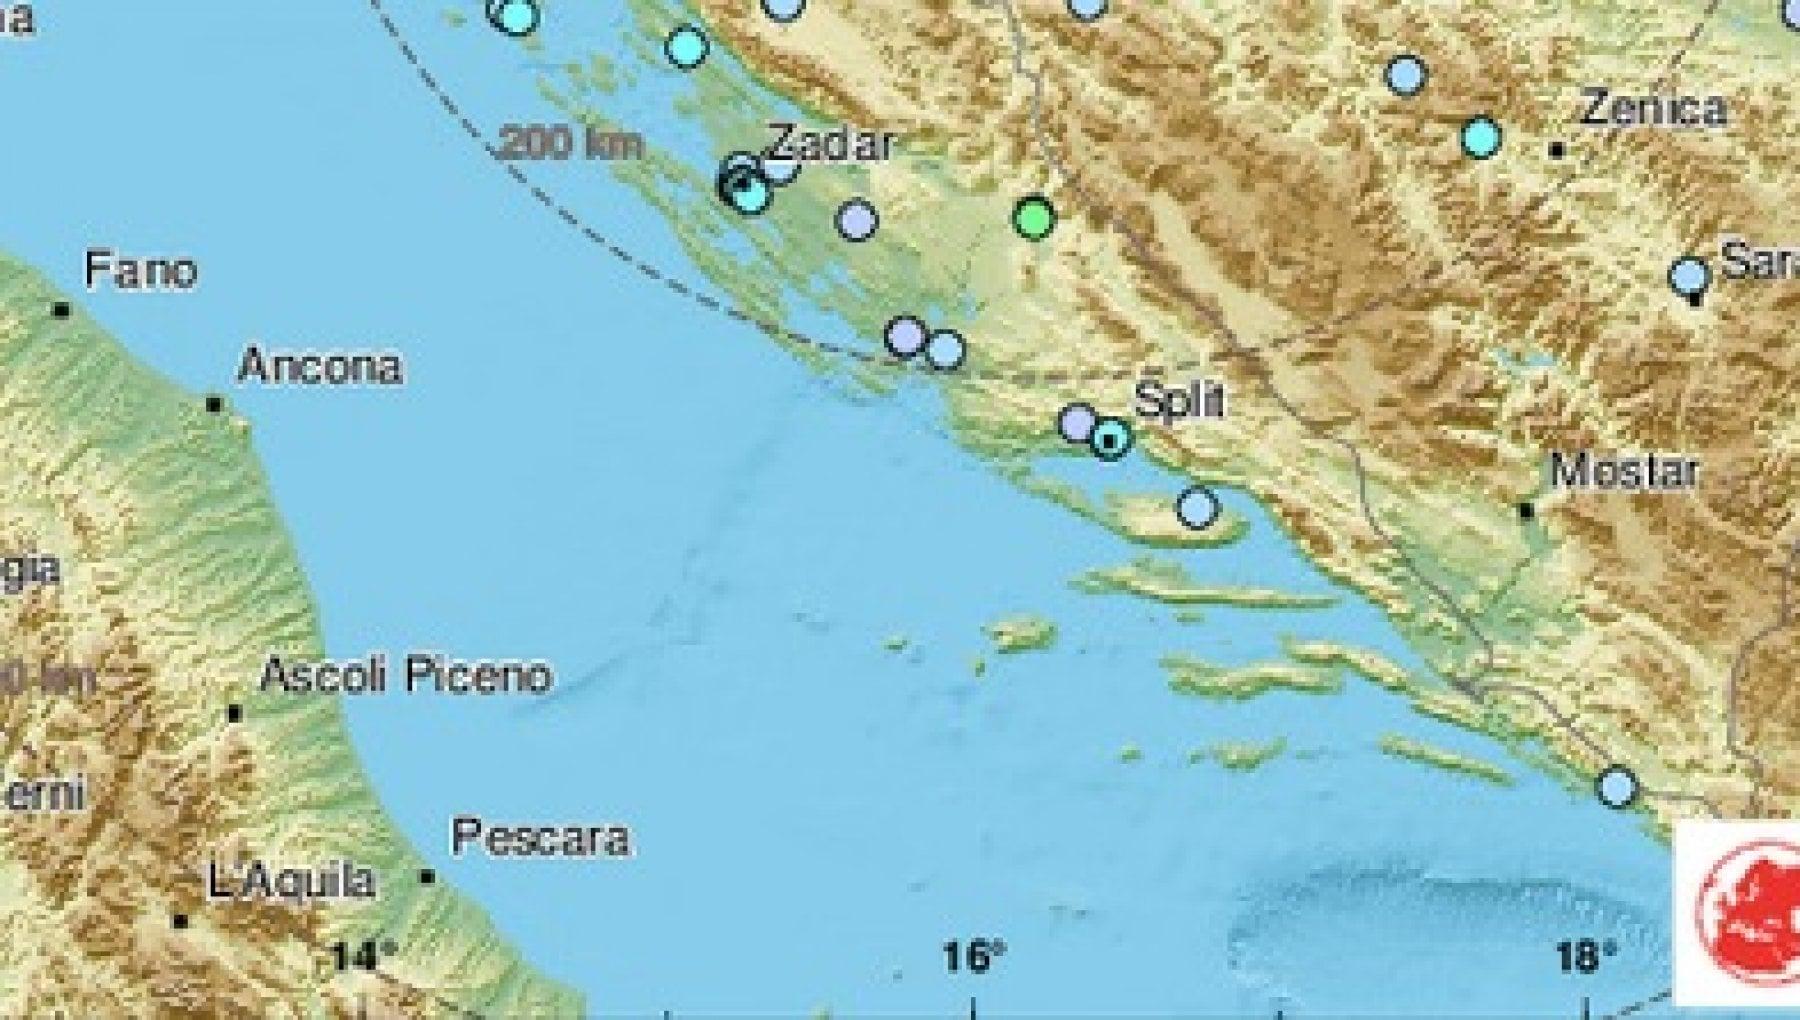 Terremoto di magnitudo 6.3 vicino a Zagabria. Edifici crollati. Scossa avvertita in Italia nelle regioni adriatiche